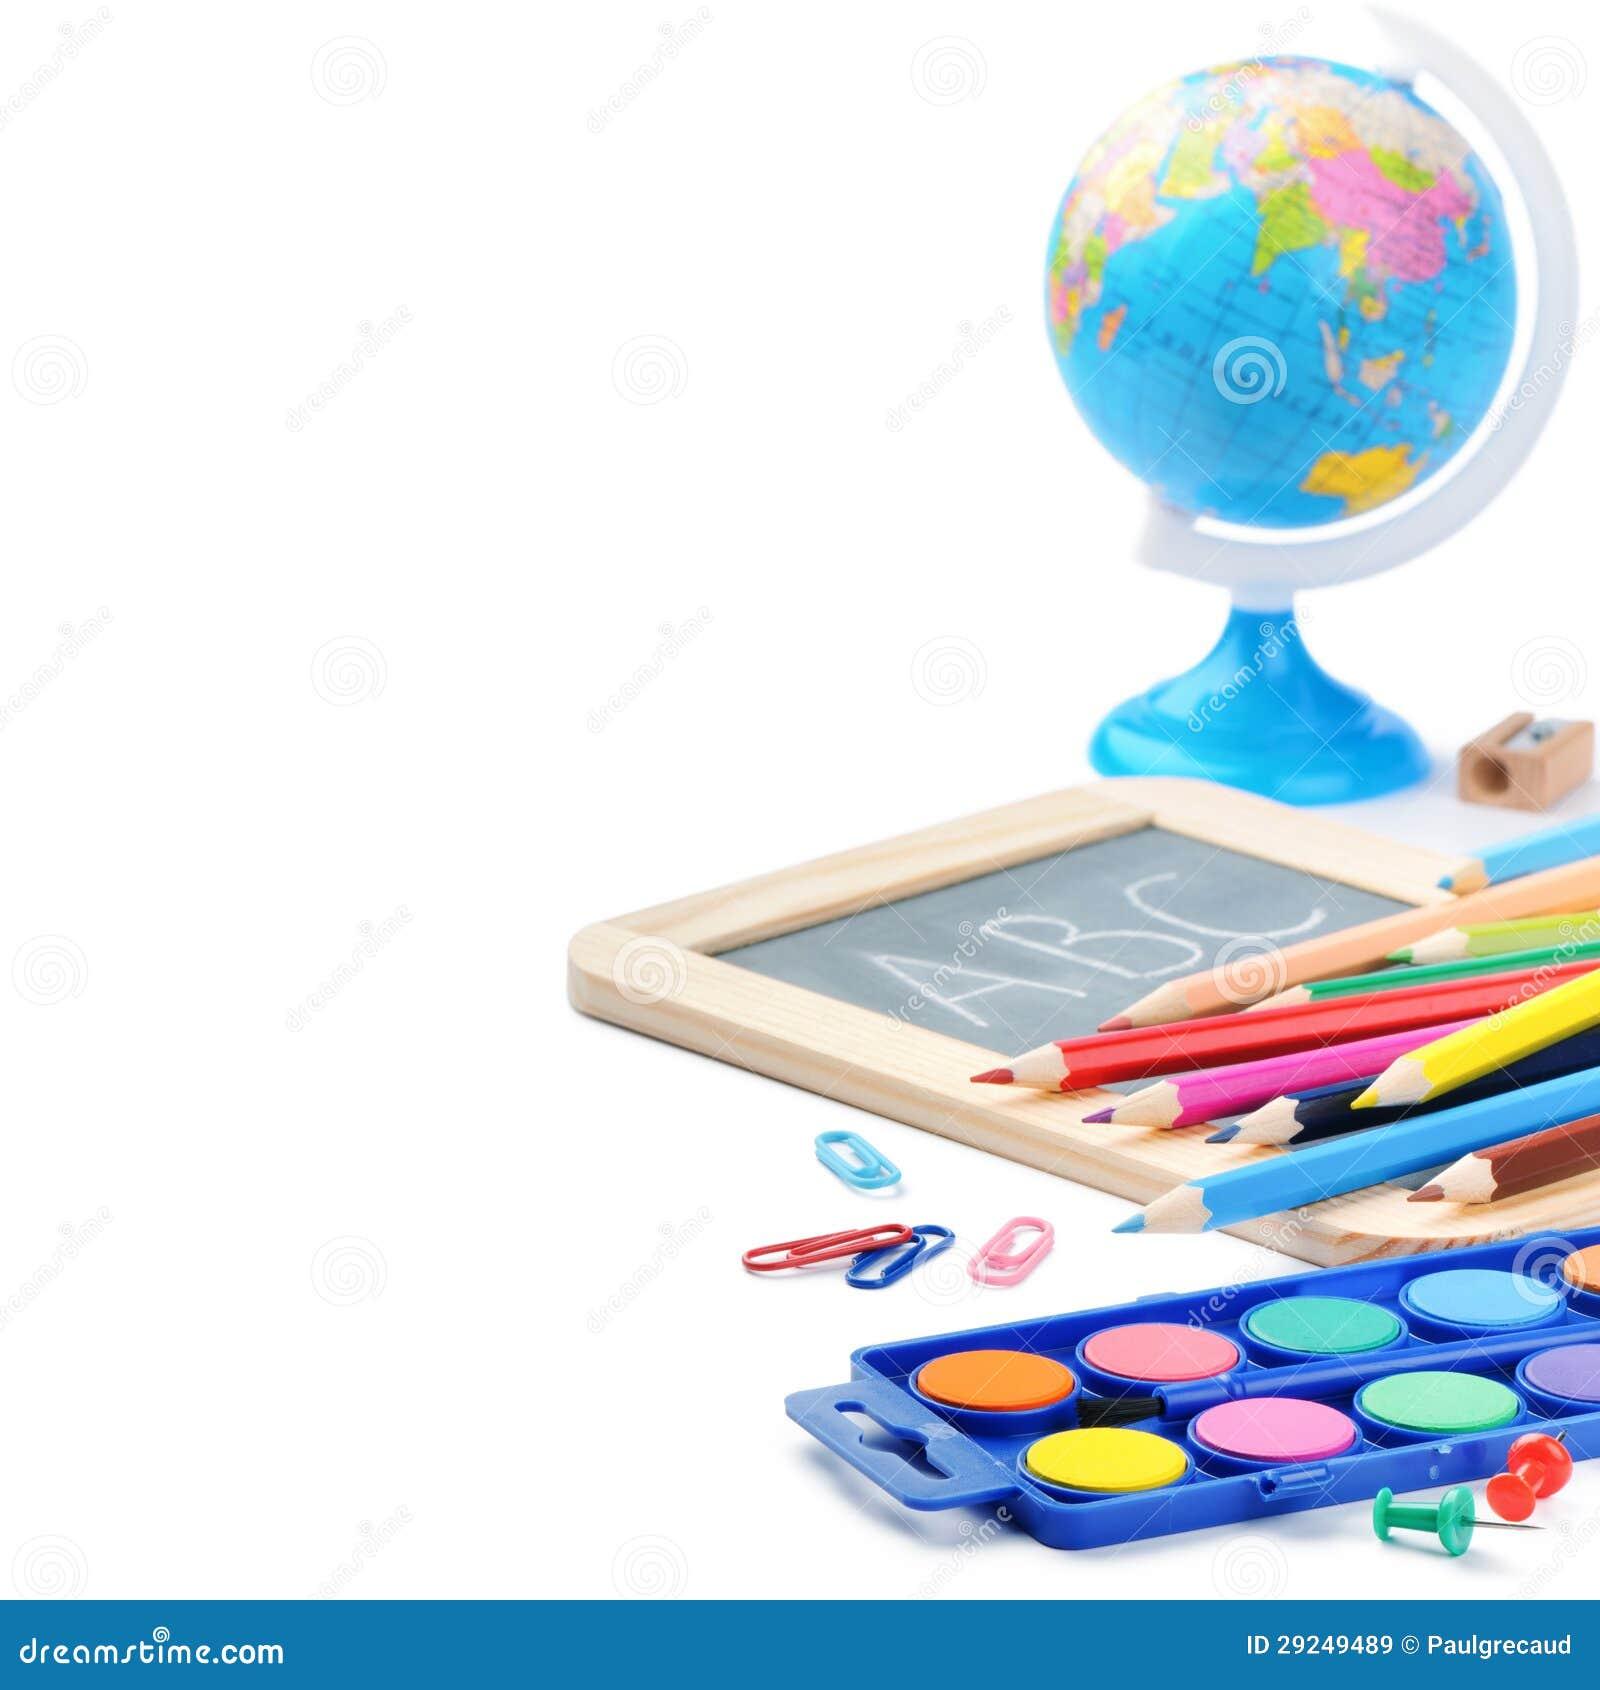 Download Fontes de escola coloridas imagem de stock. Imagem de infância - 29249489